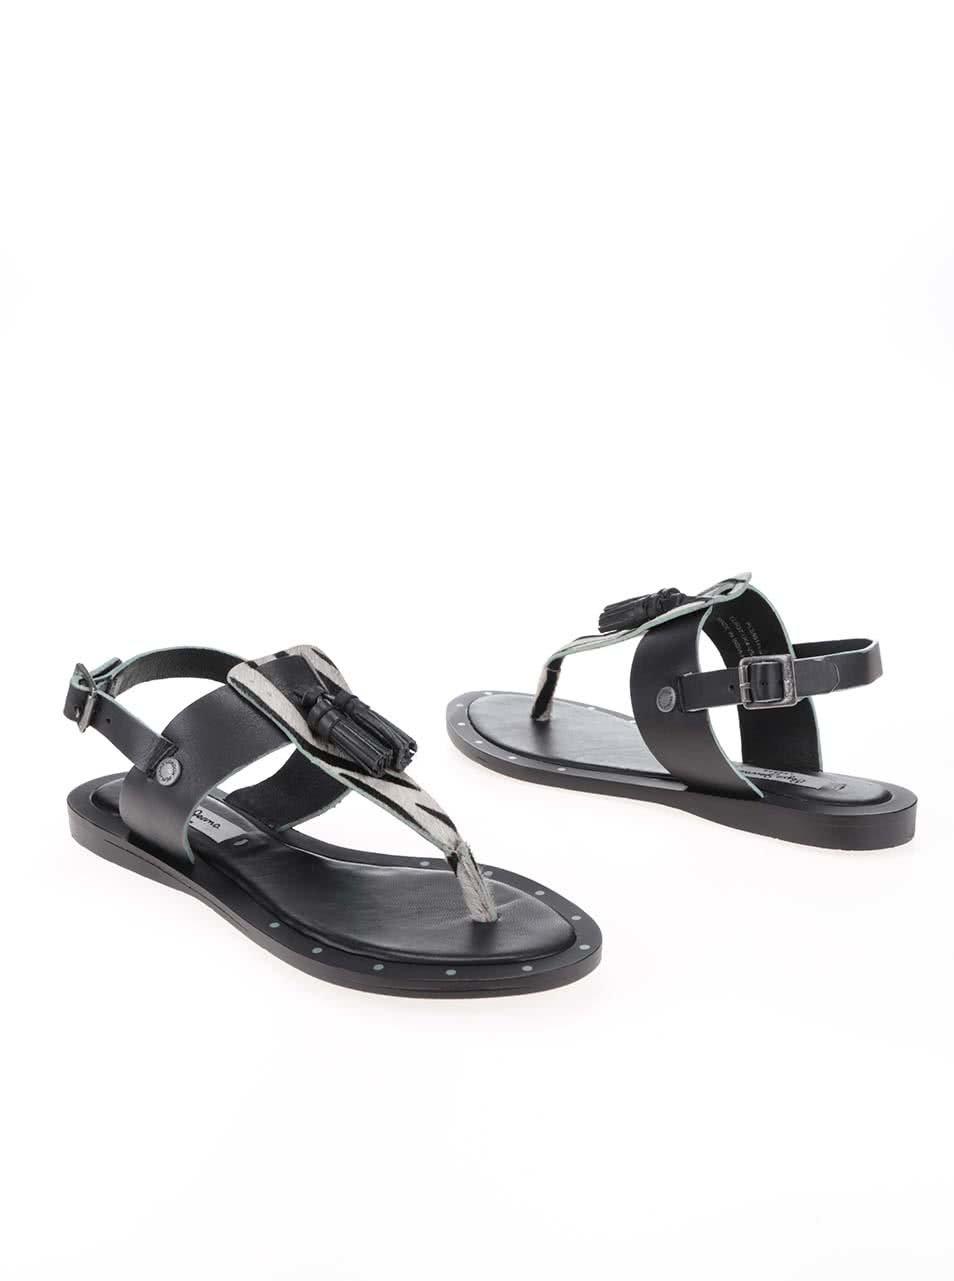 Černé dámské kožené sandálky se vzorem Pepe Jeans